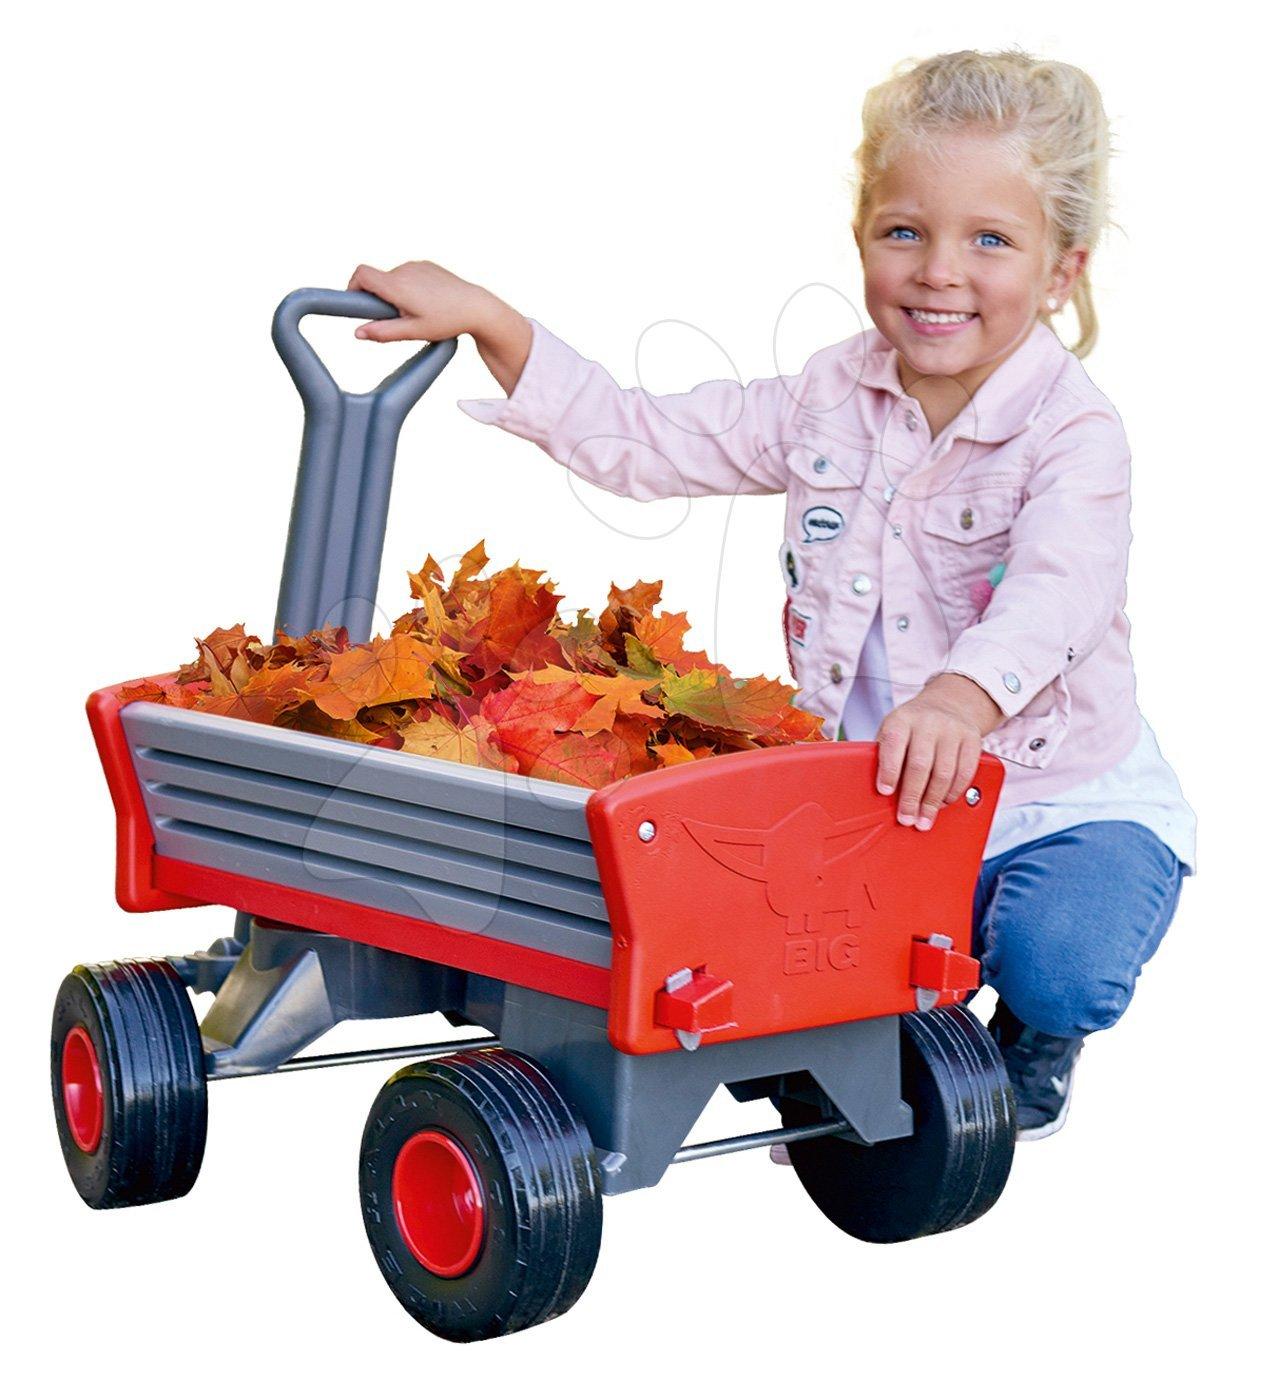 Vozík na tahání Peppy Handwagen BIG s otočnými kolečky a odnímatelnými řídítky